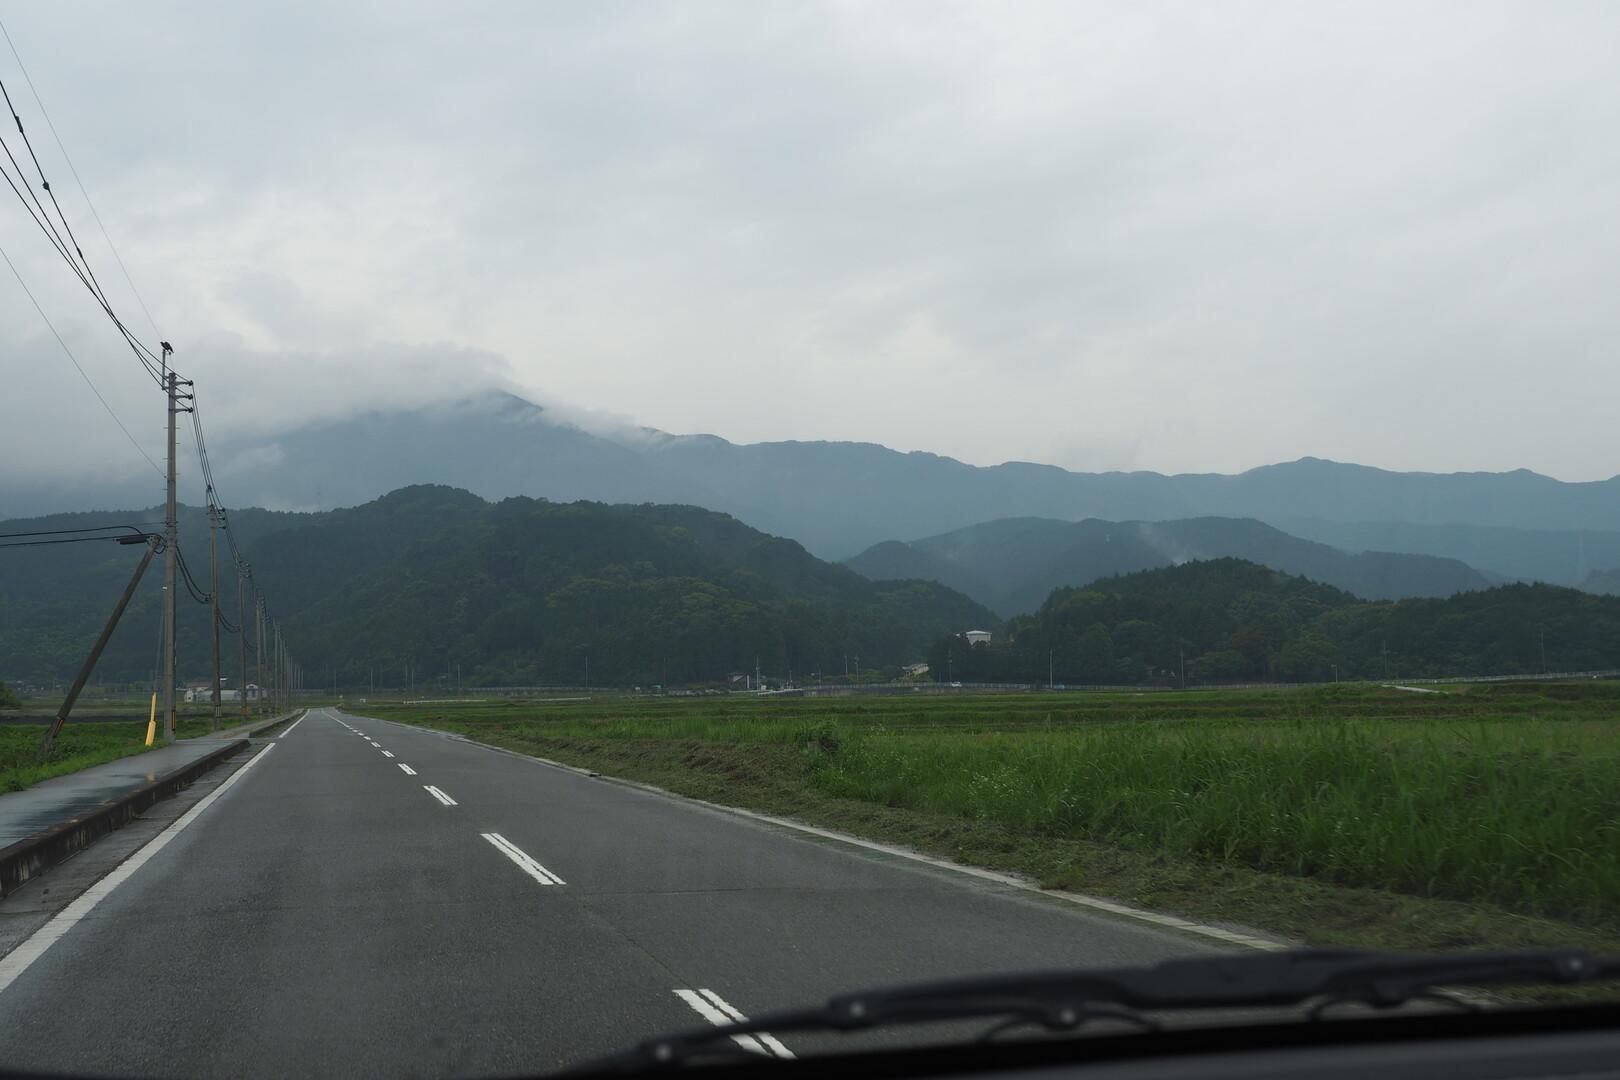 あれはたぶん大根地山。でも1000m行かないんだよねー。<br> 奥多摩なんて偉大なの⛰